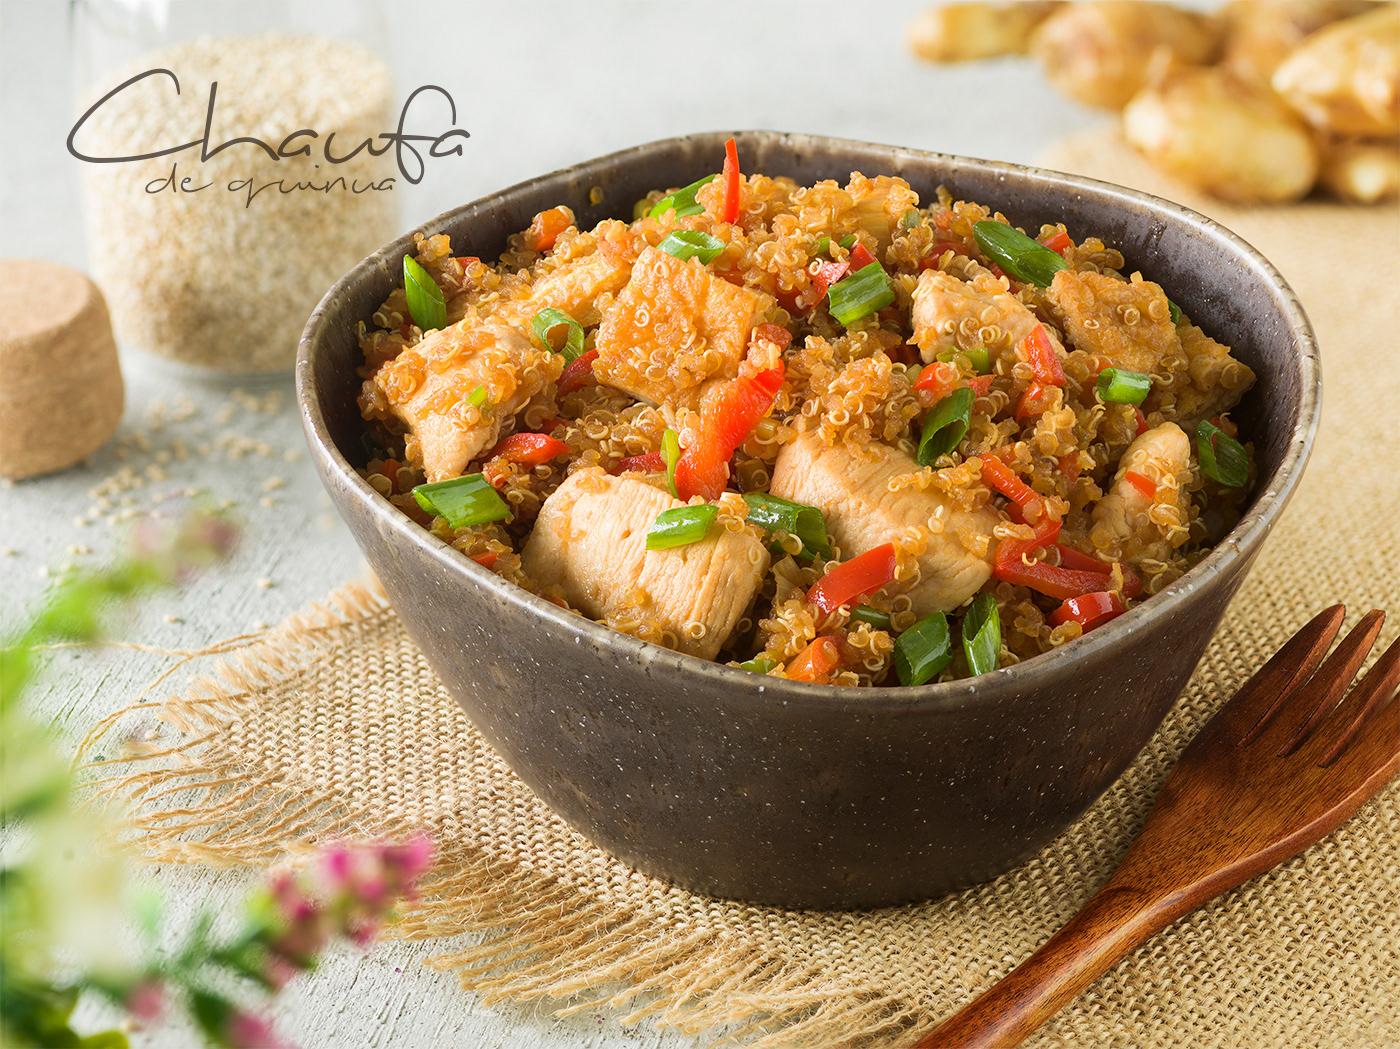 Image may contain: food, salad and bowl